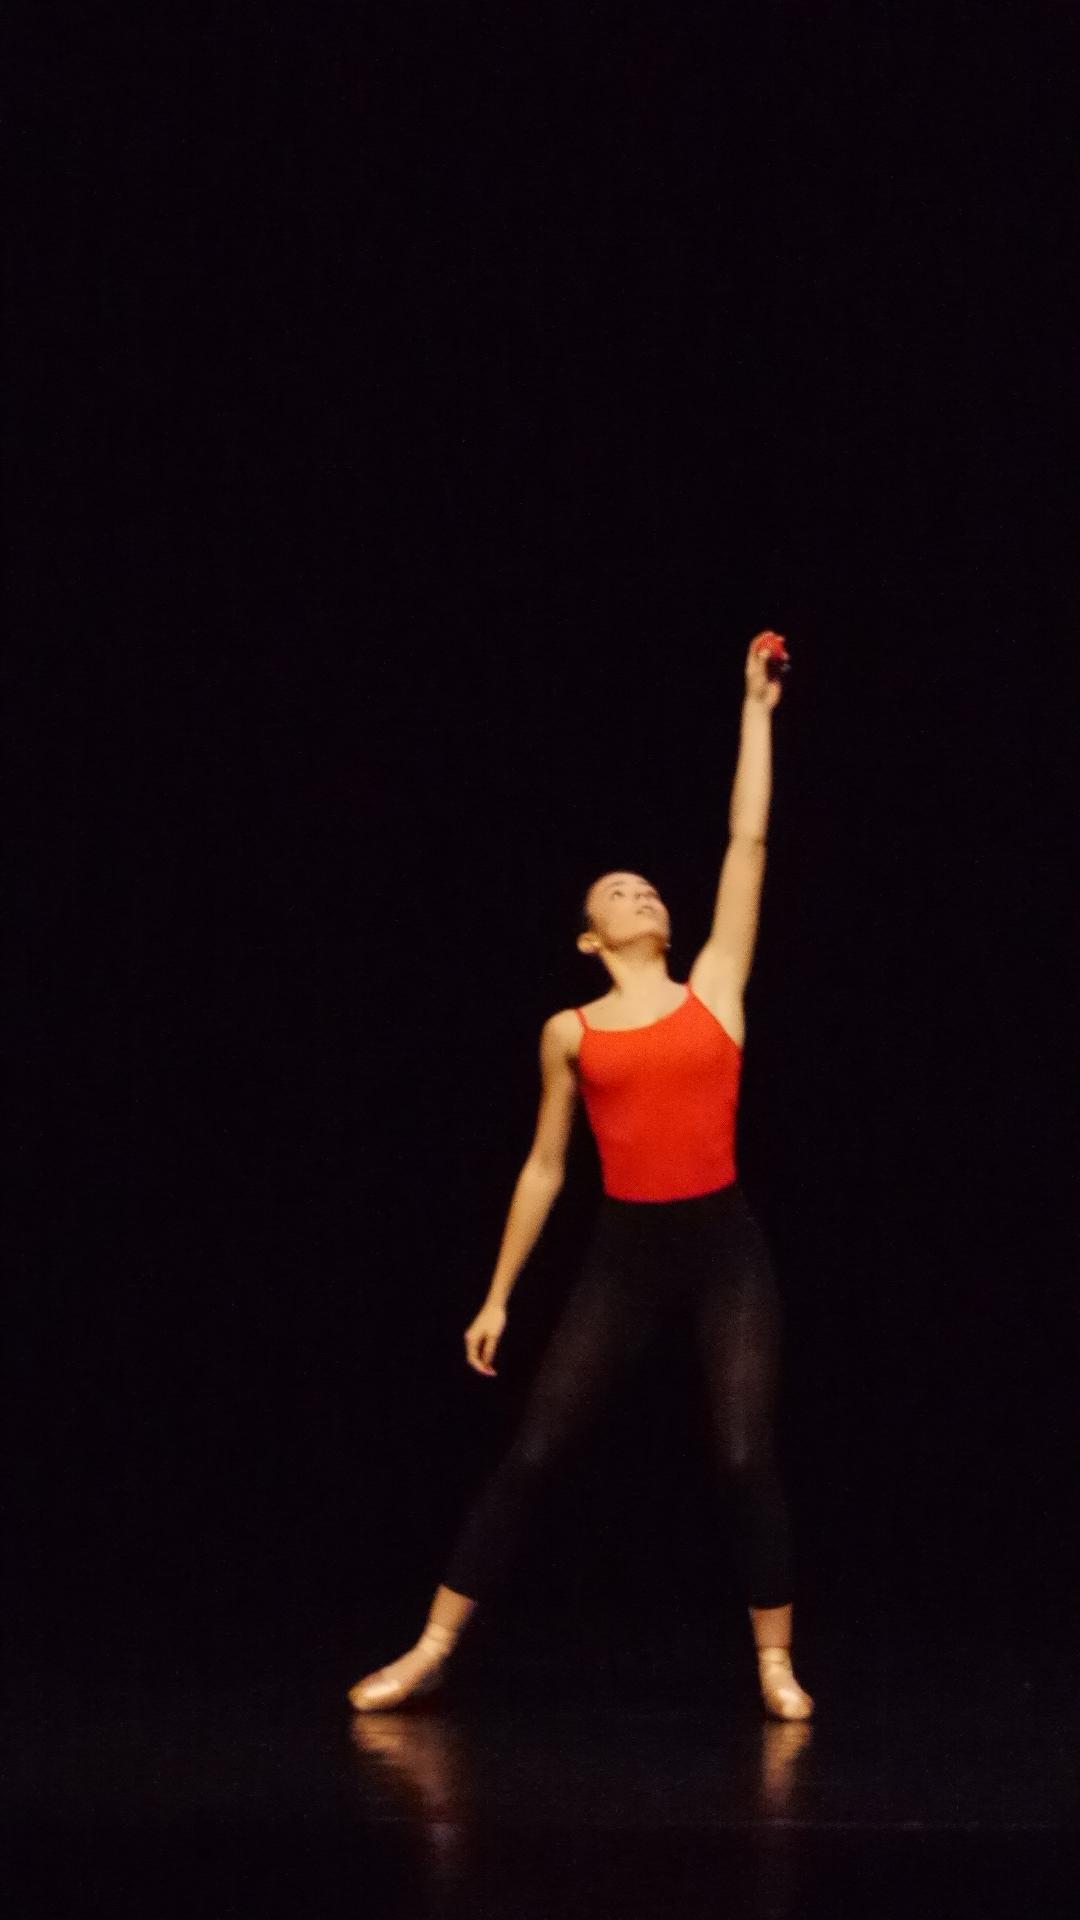 Master class de danse montpellier m diterran e m tropole - Danse de salon montpellier ...